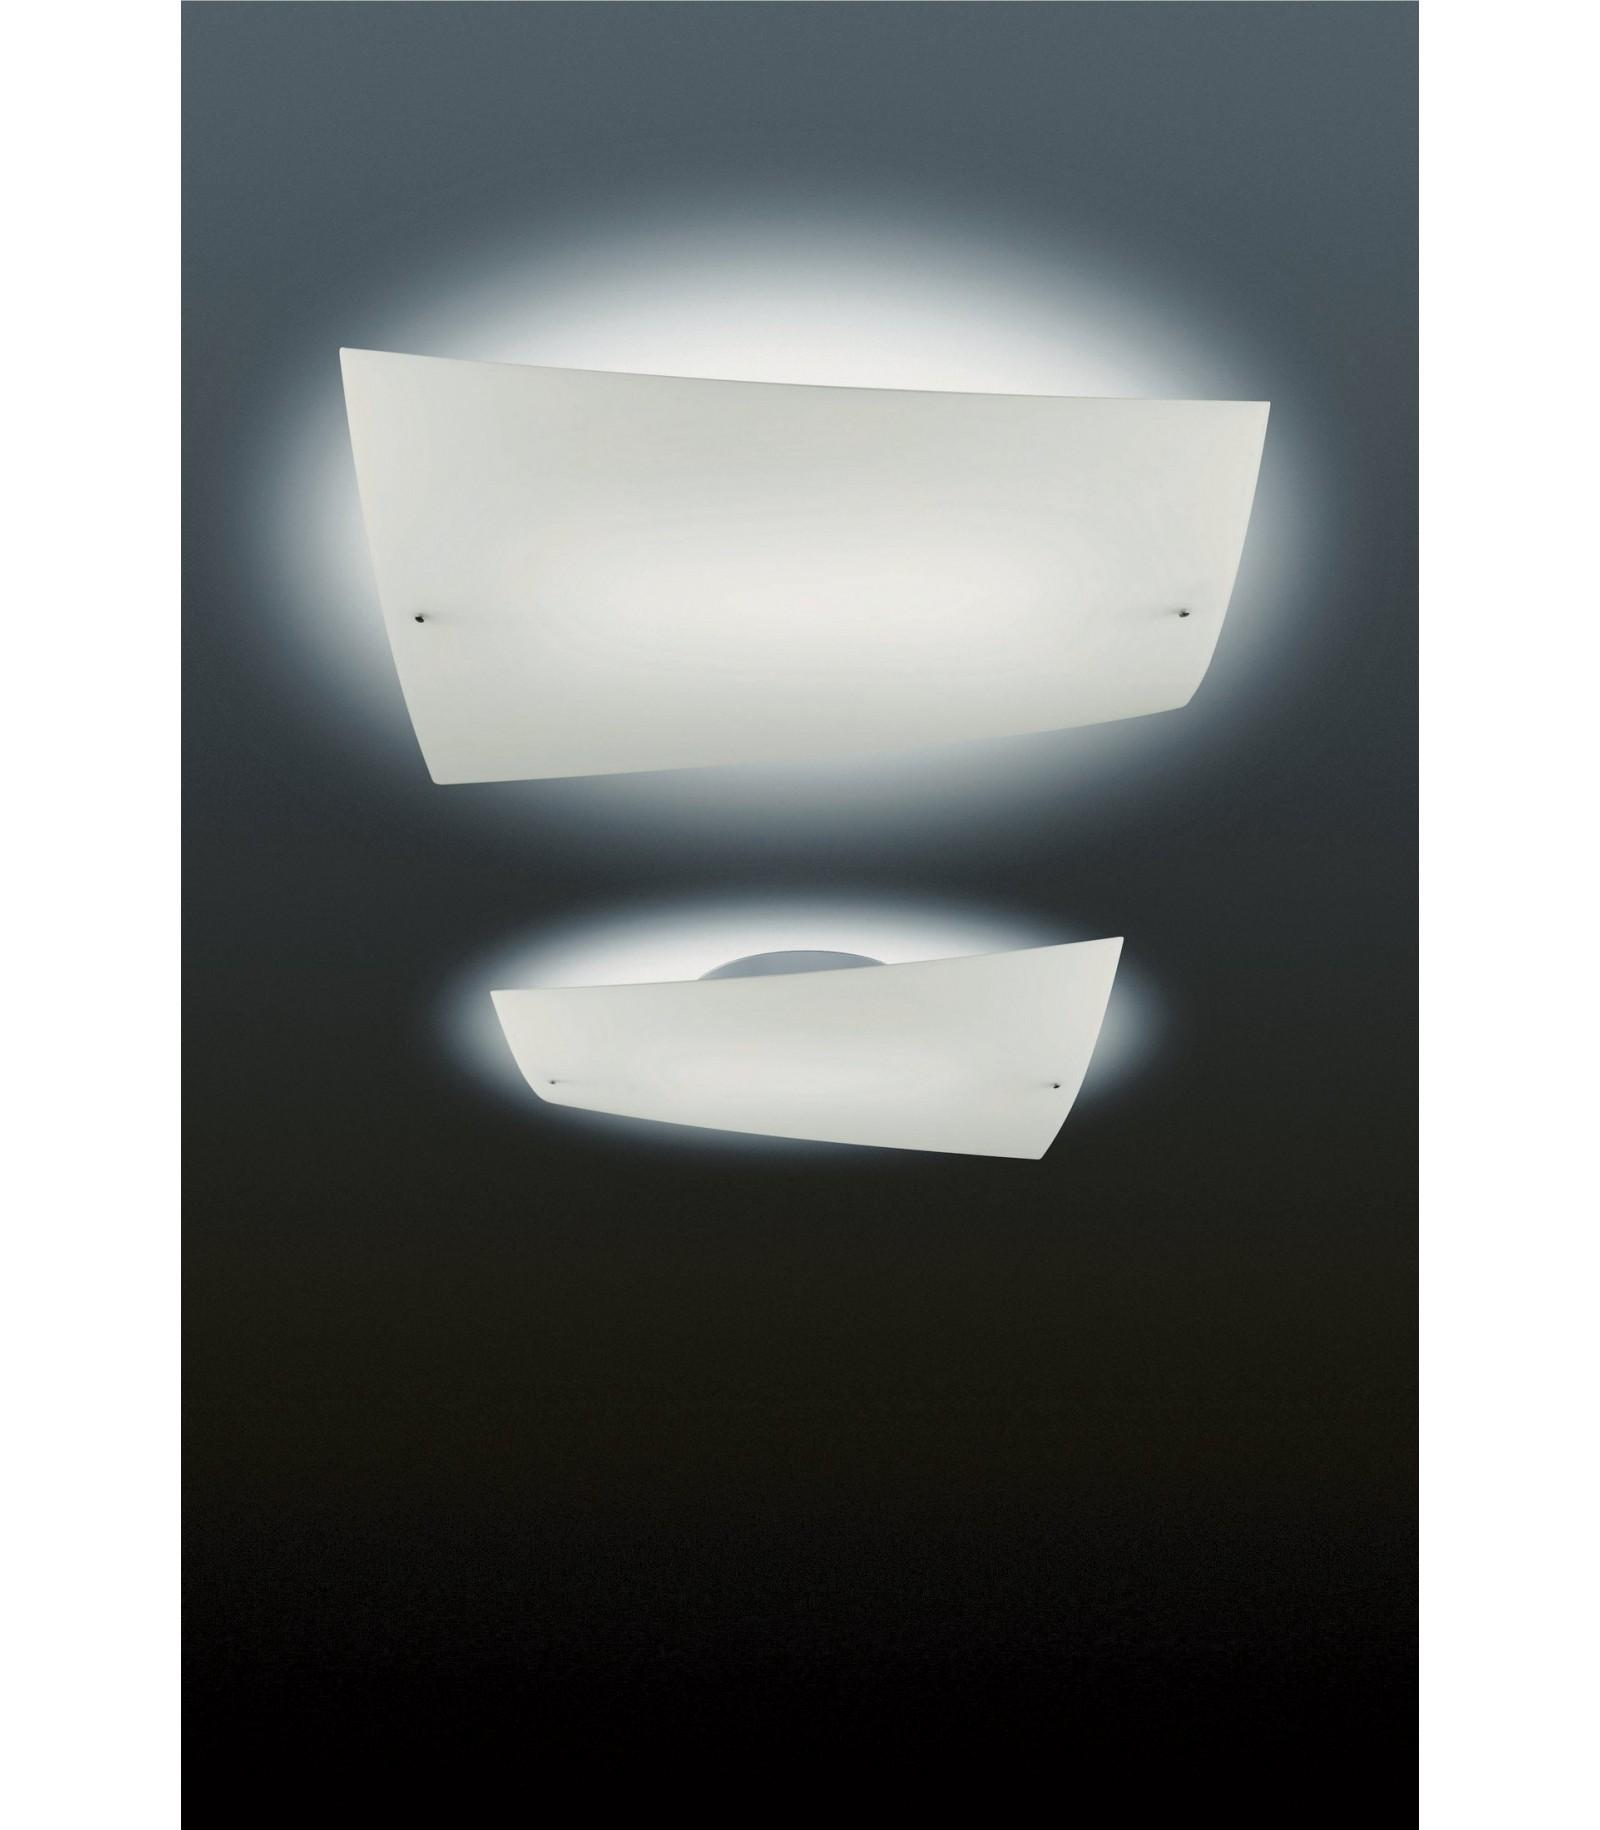 Lampada a soffitto folio foscarini - Lampada bagno soffitto ...